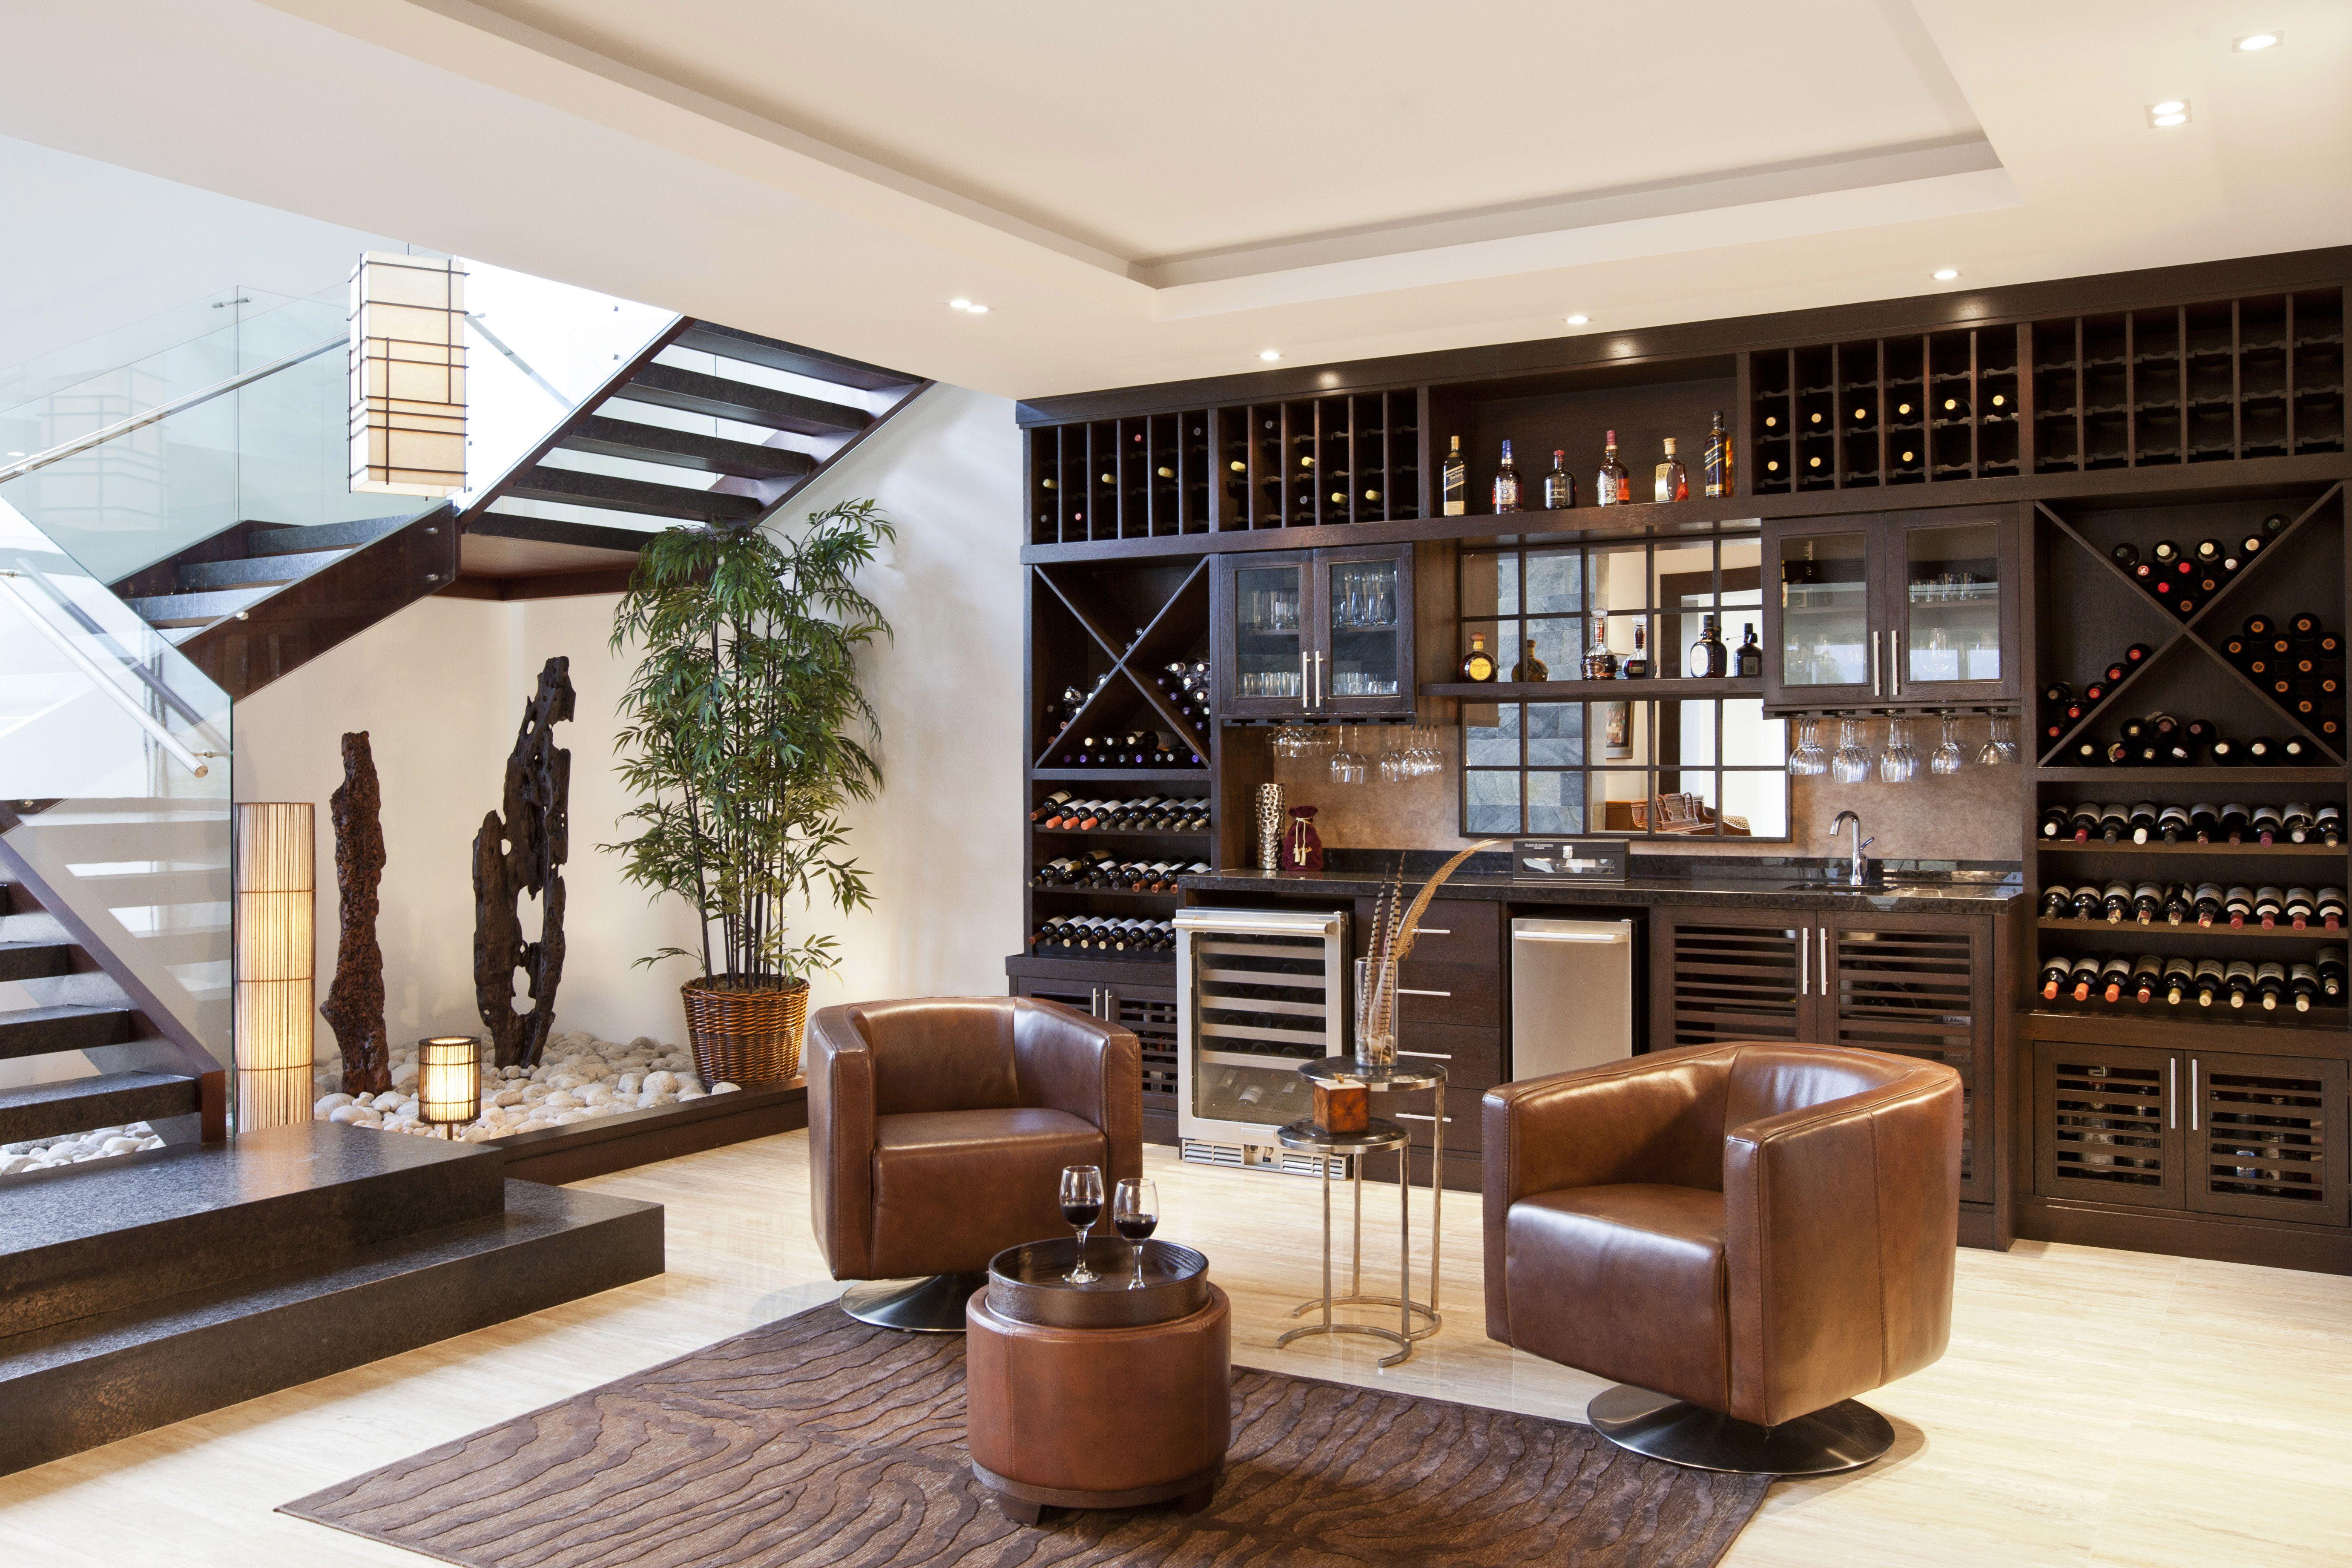 Residential Project By Adriana Hoyos Perezalaya Livingroom  # Muebles Adriana Hoyos Quito